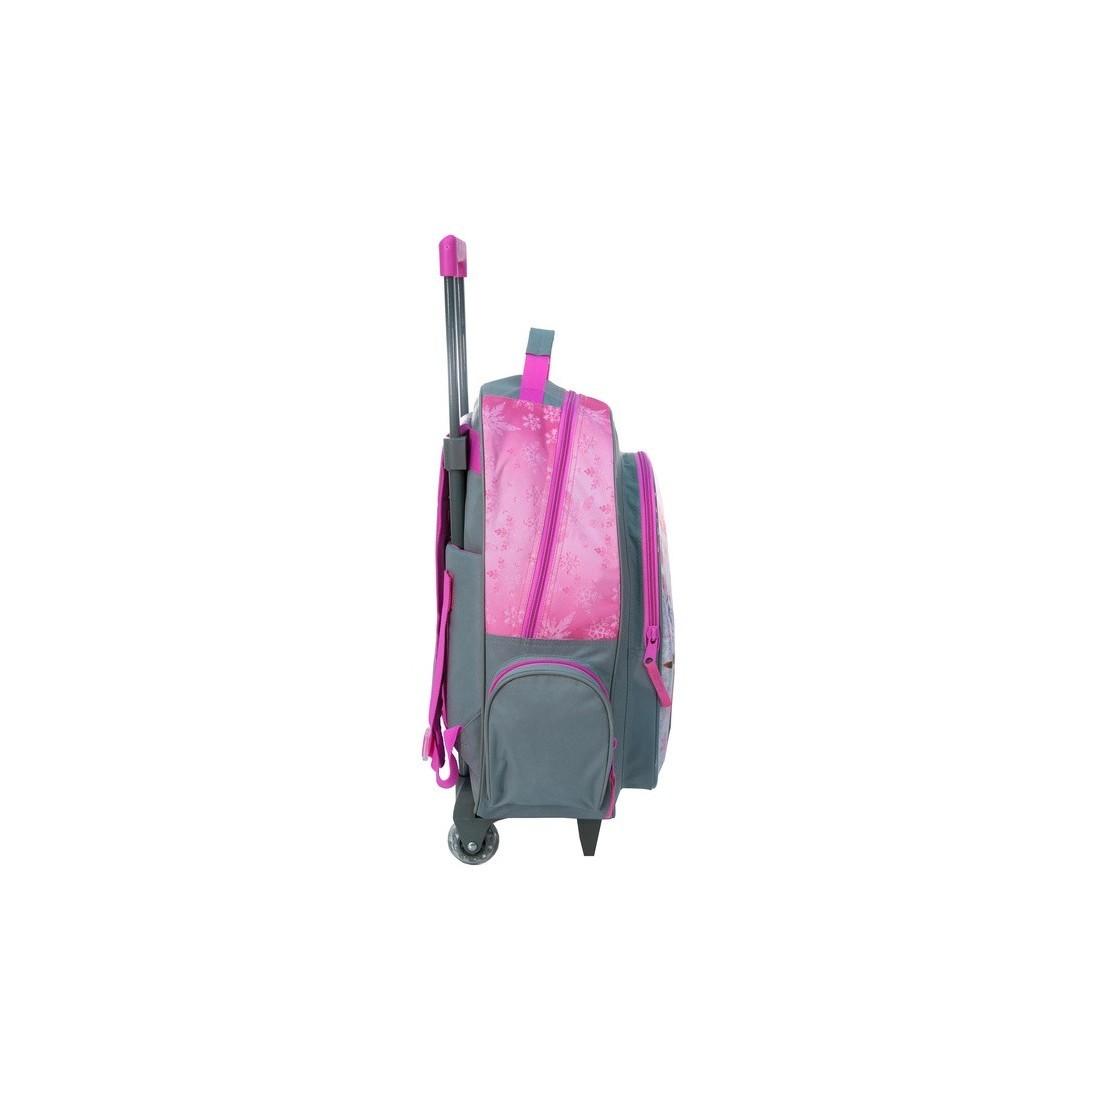 Plecak na kółkach Kraina Lodu, Frozen szaro różowy - plecak-tornister.pl